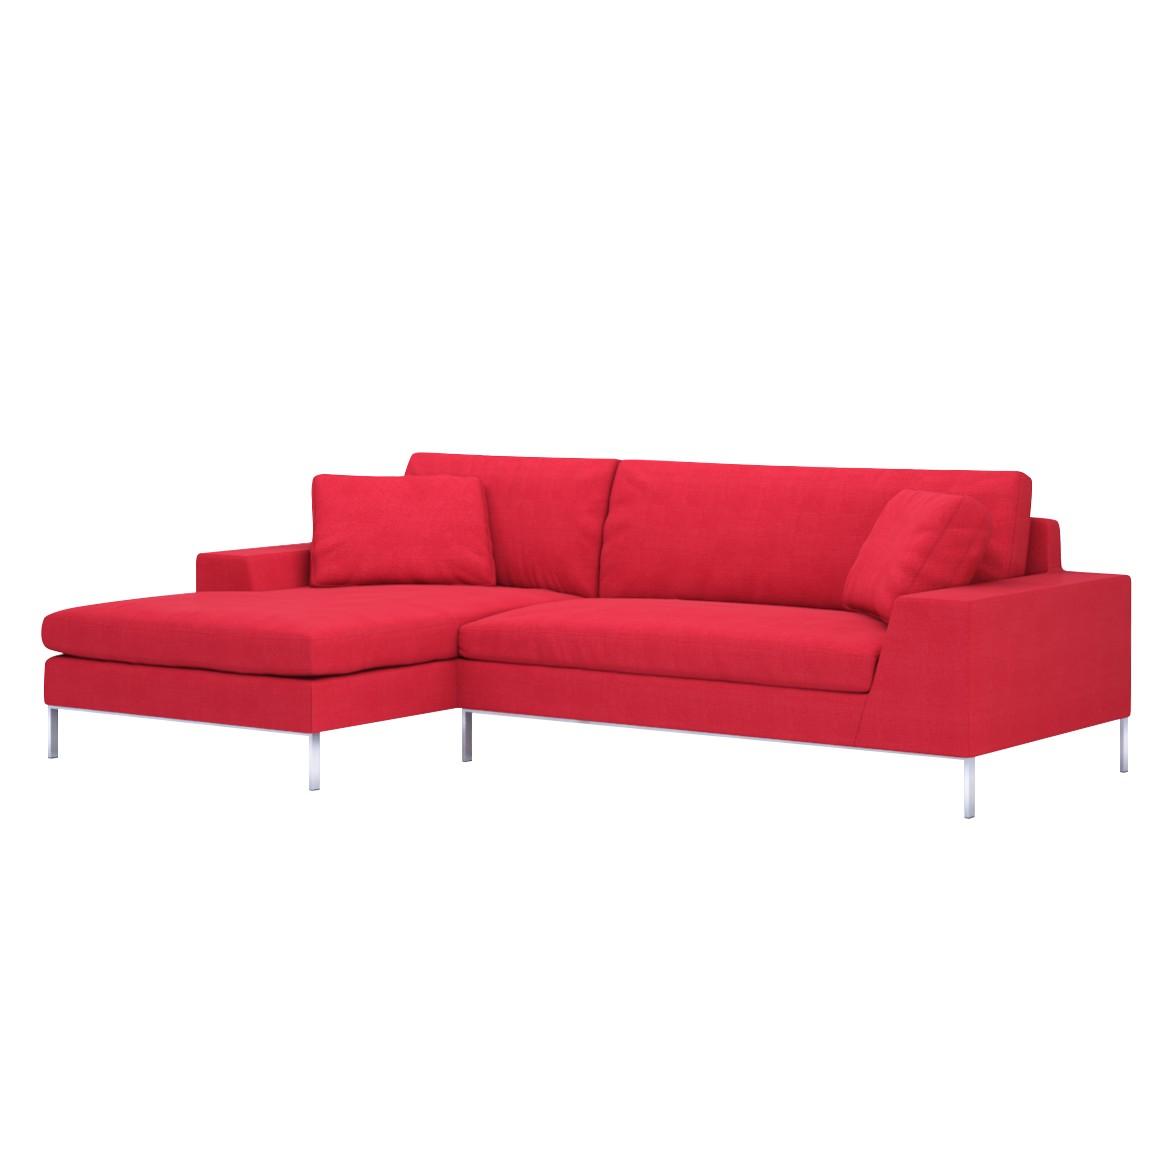 Sofa Helgesen (2-Sitzer) mit Recamière – Longchair/Ottomane davorstehend links – Livø III Red (Tiefrot), Von Wilmowsky online kaufen